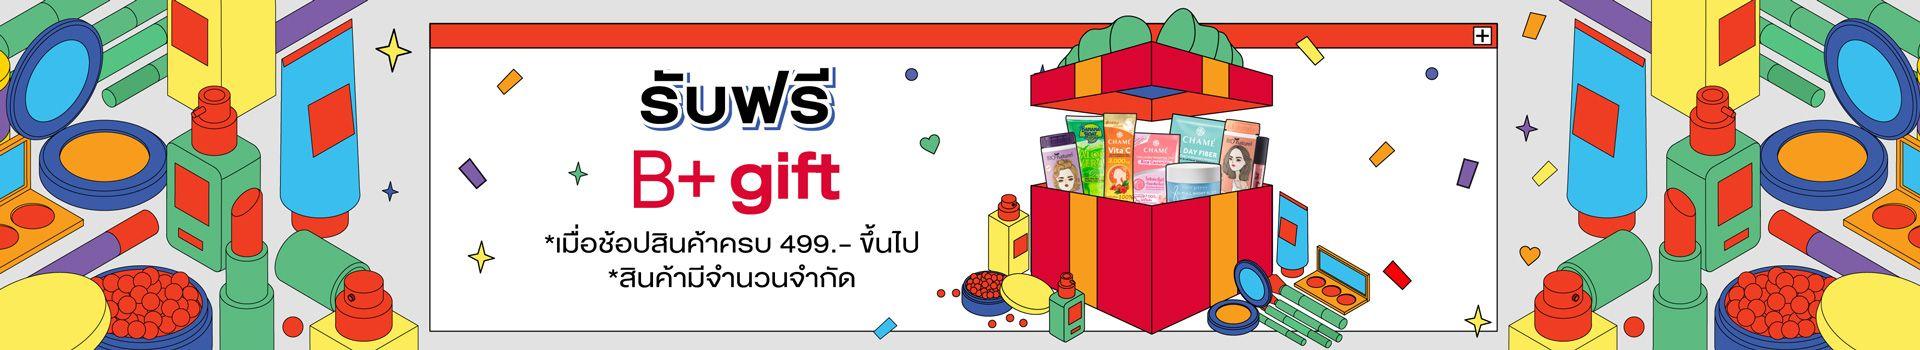 รับฟรีB+gift